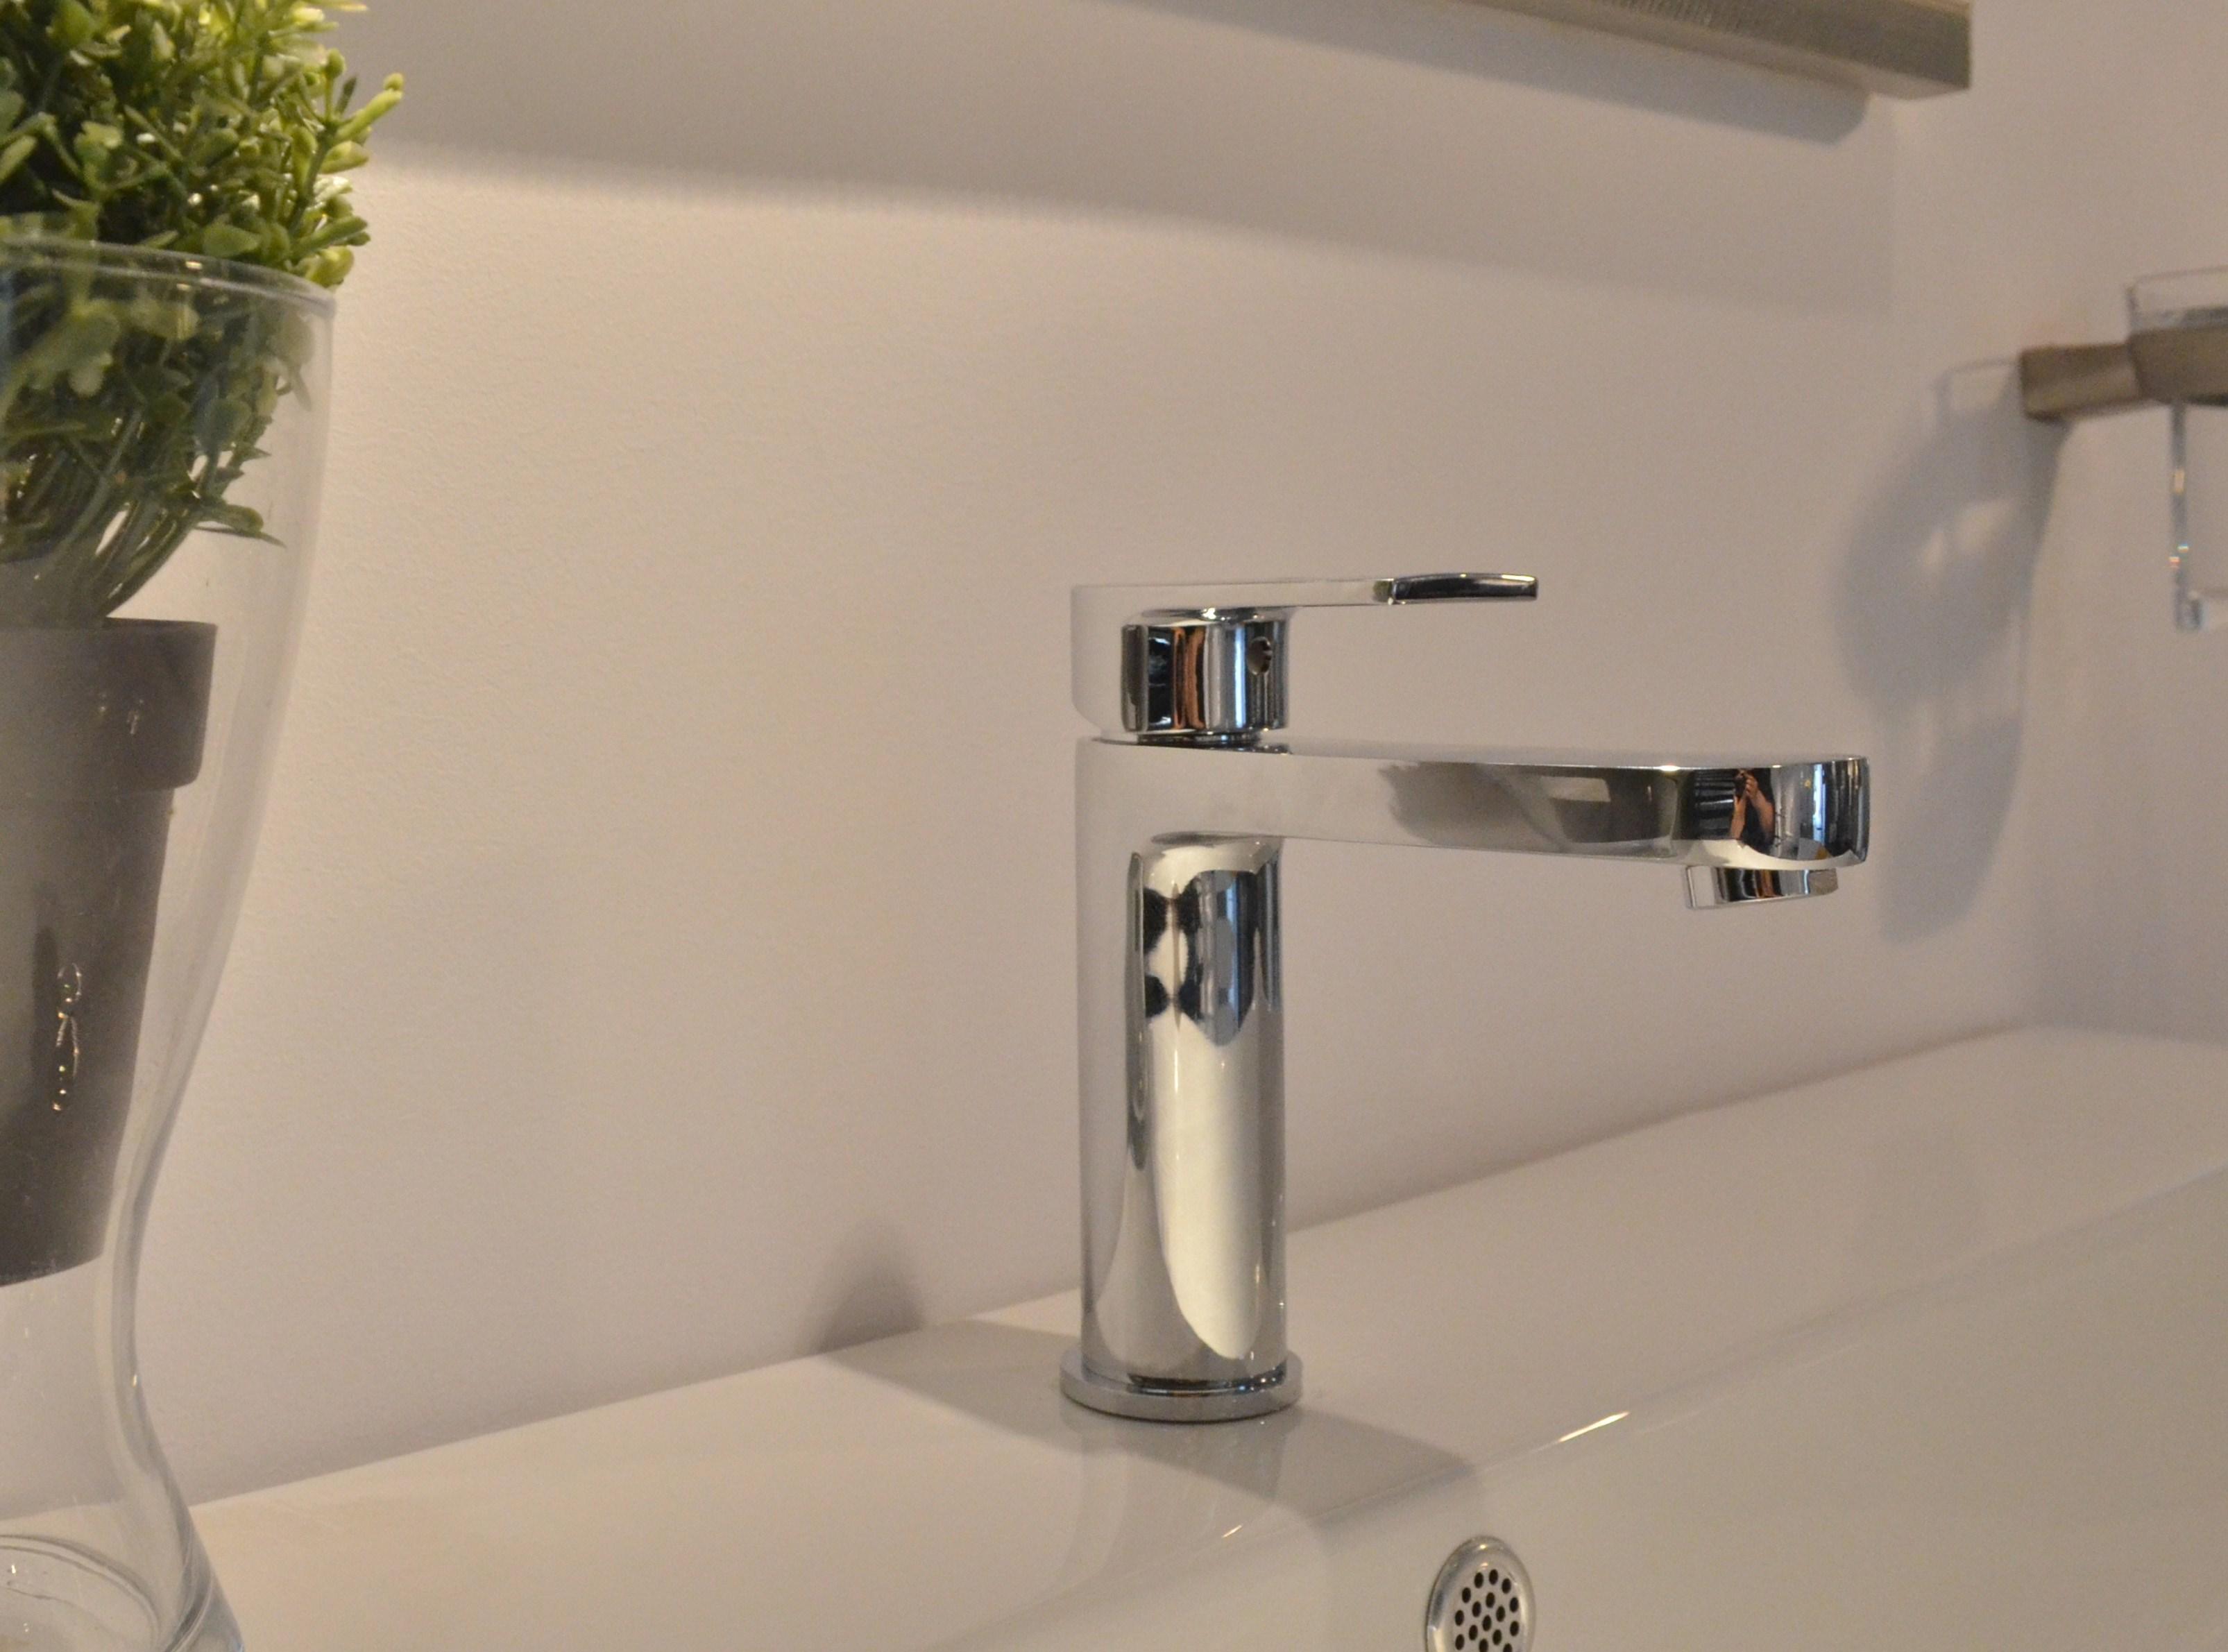 IL Bacino di rubinetto di caldo e Freddo tutto il Rame Valvola principale del Bacino del rubinetto del Bagno un lavandino nel bagno del singolo contro il